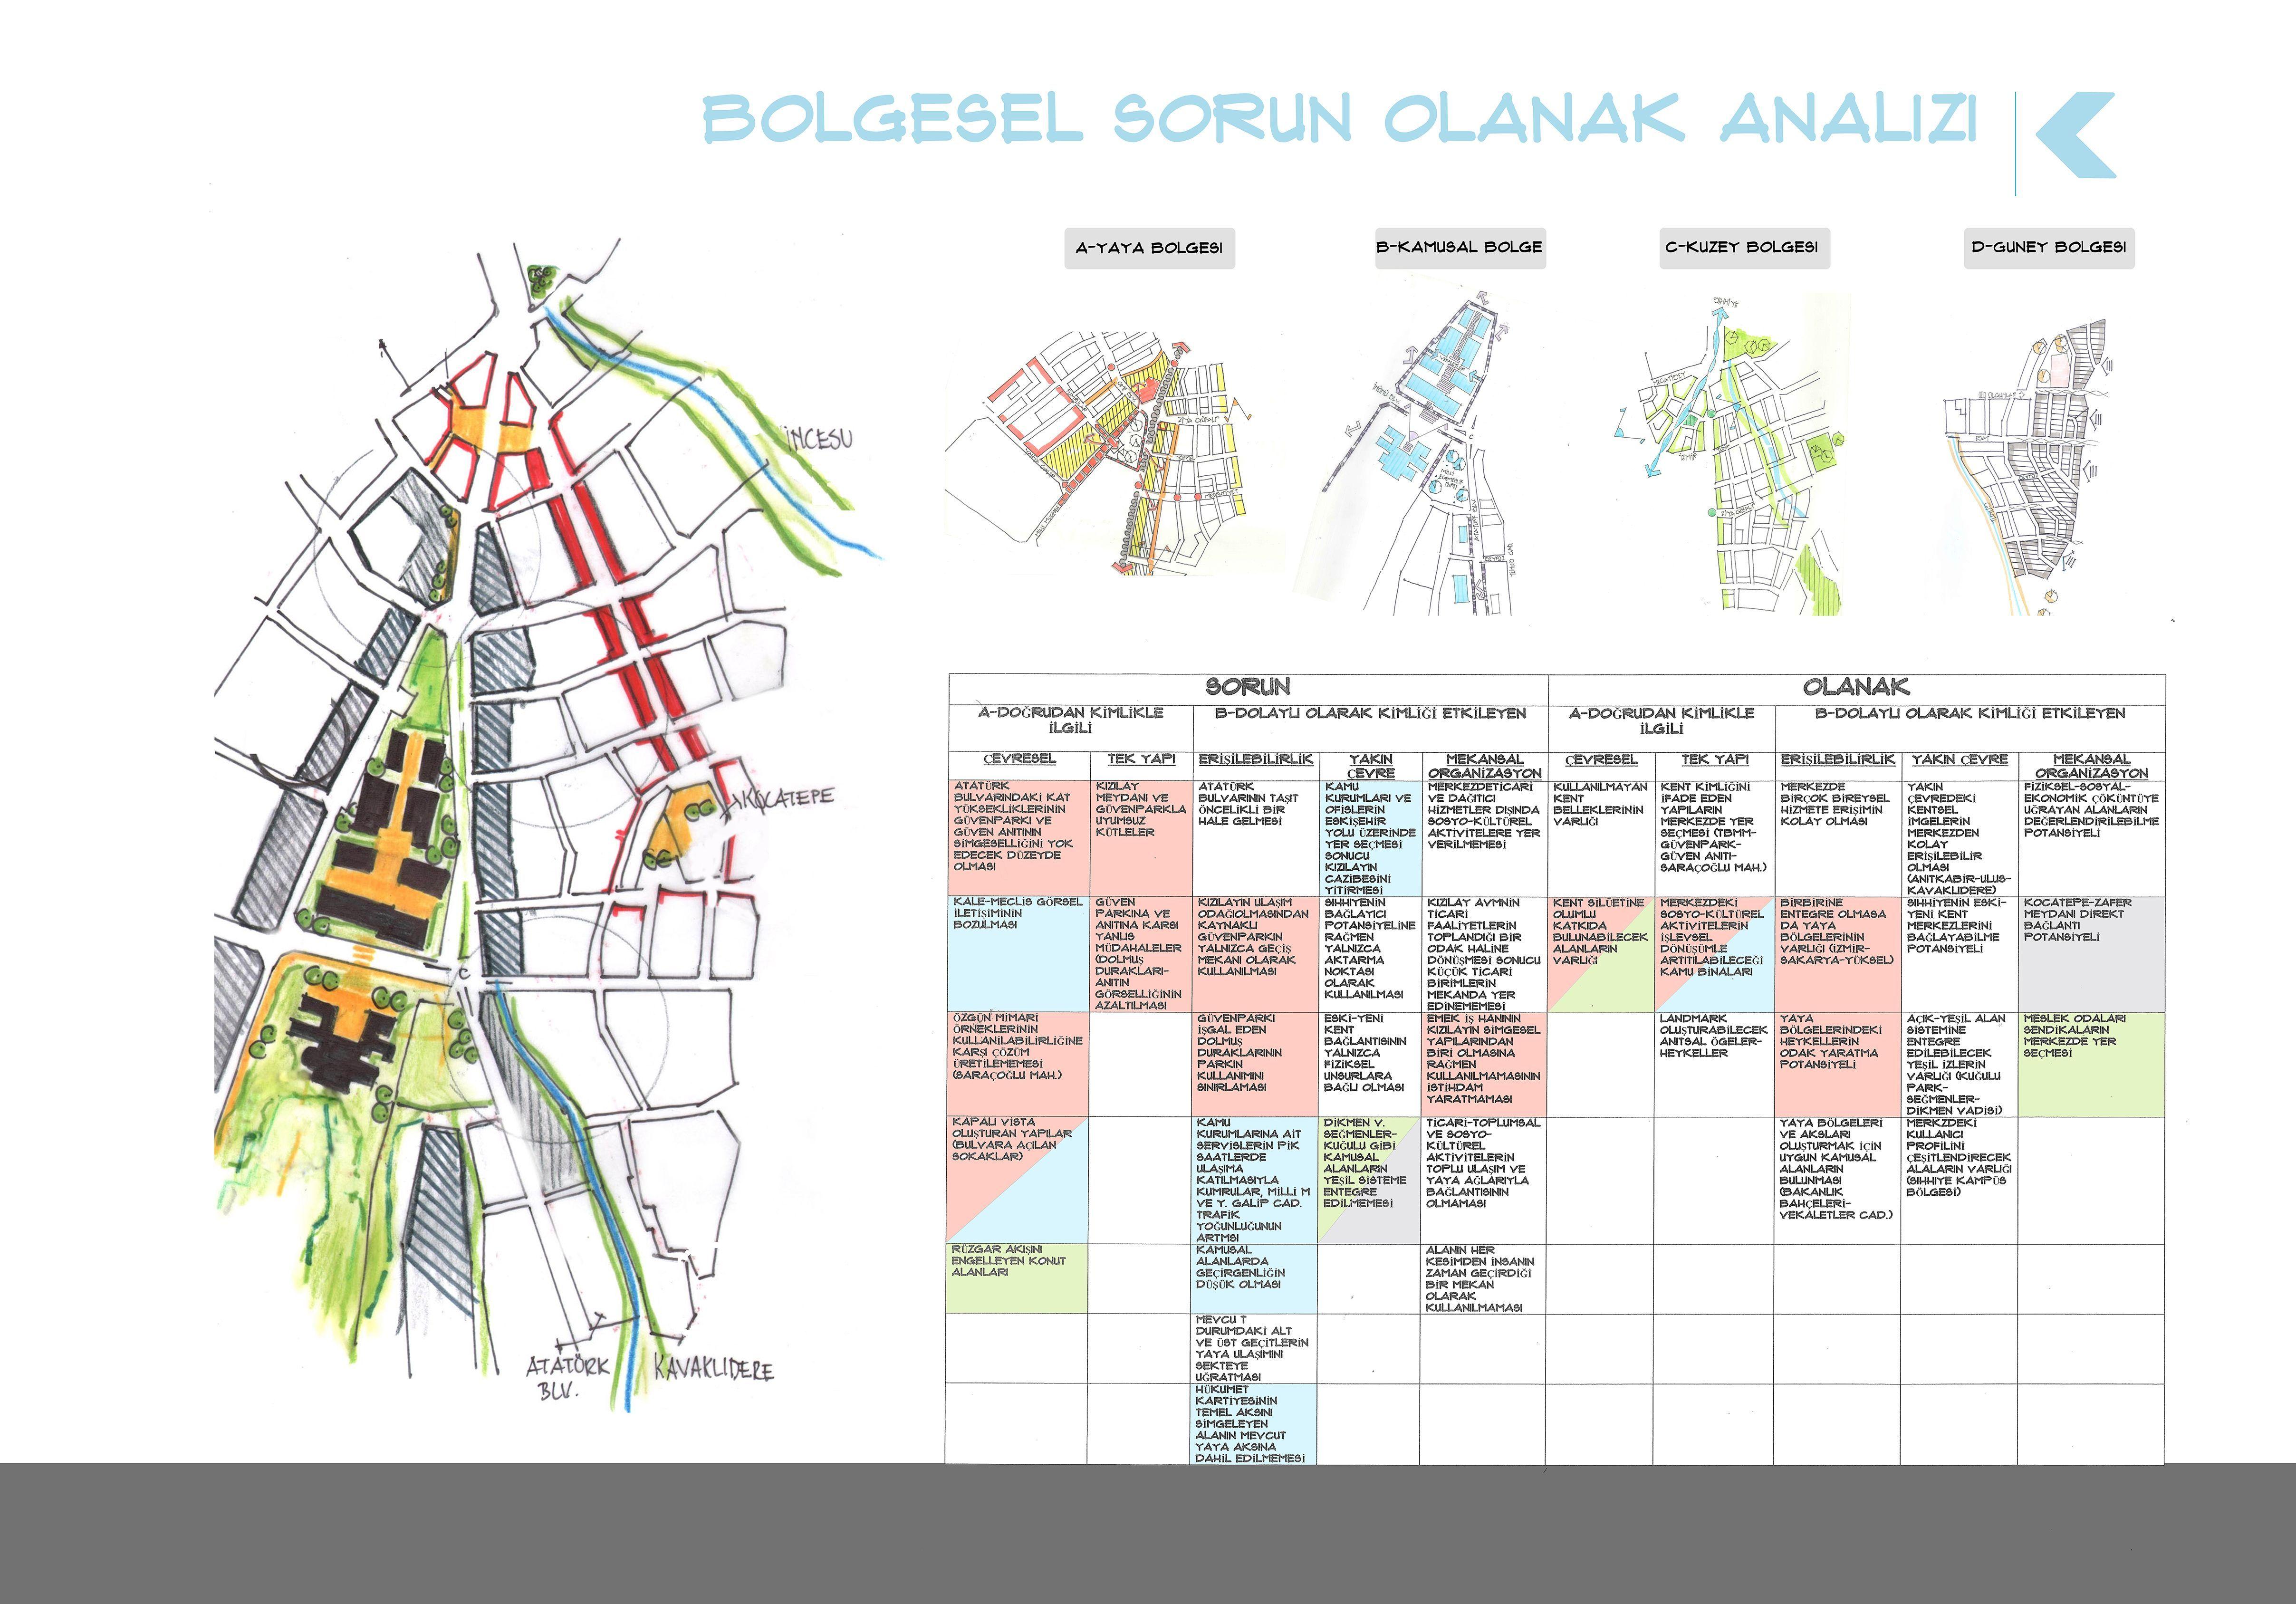 Regionale Problemlösungsanalyse - #Problemlösungsanalyse #Regionale #urbaneanalyse